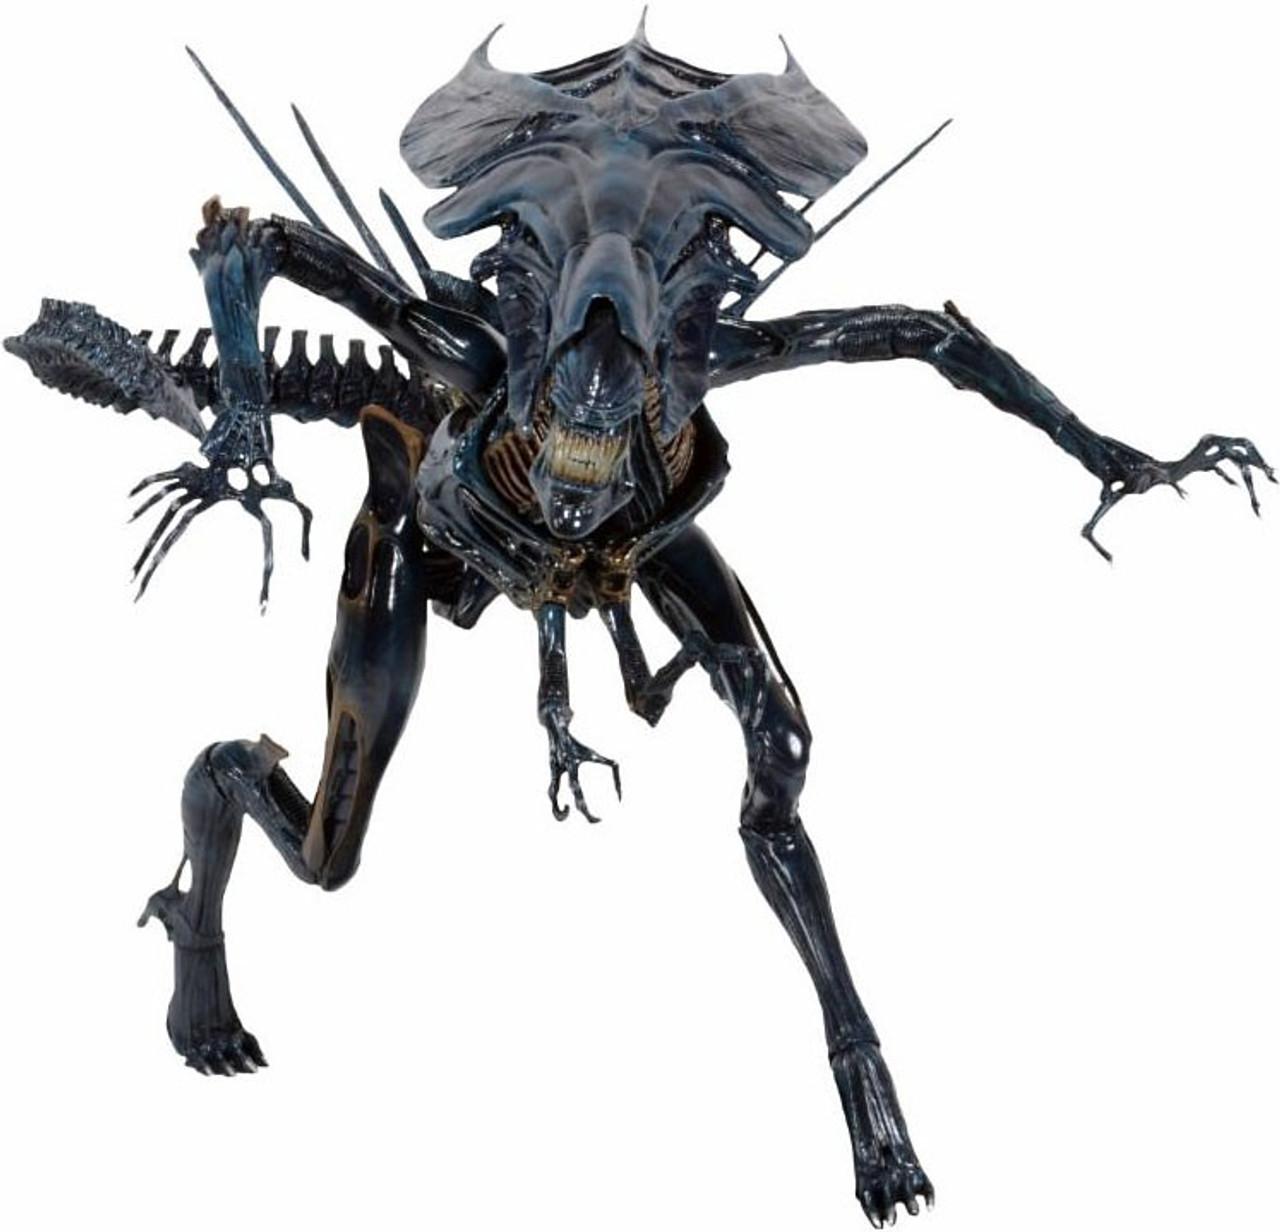 NECA Aliens Alien Xenomorph Queen Ultra Deluxe Action Figure